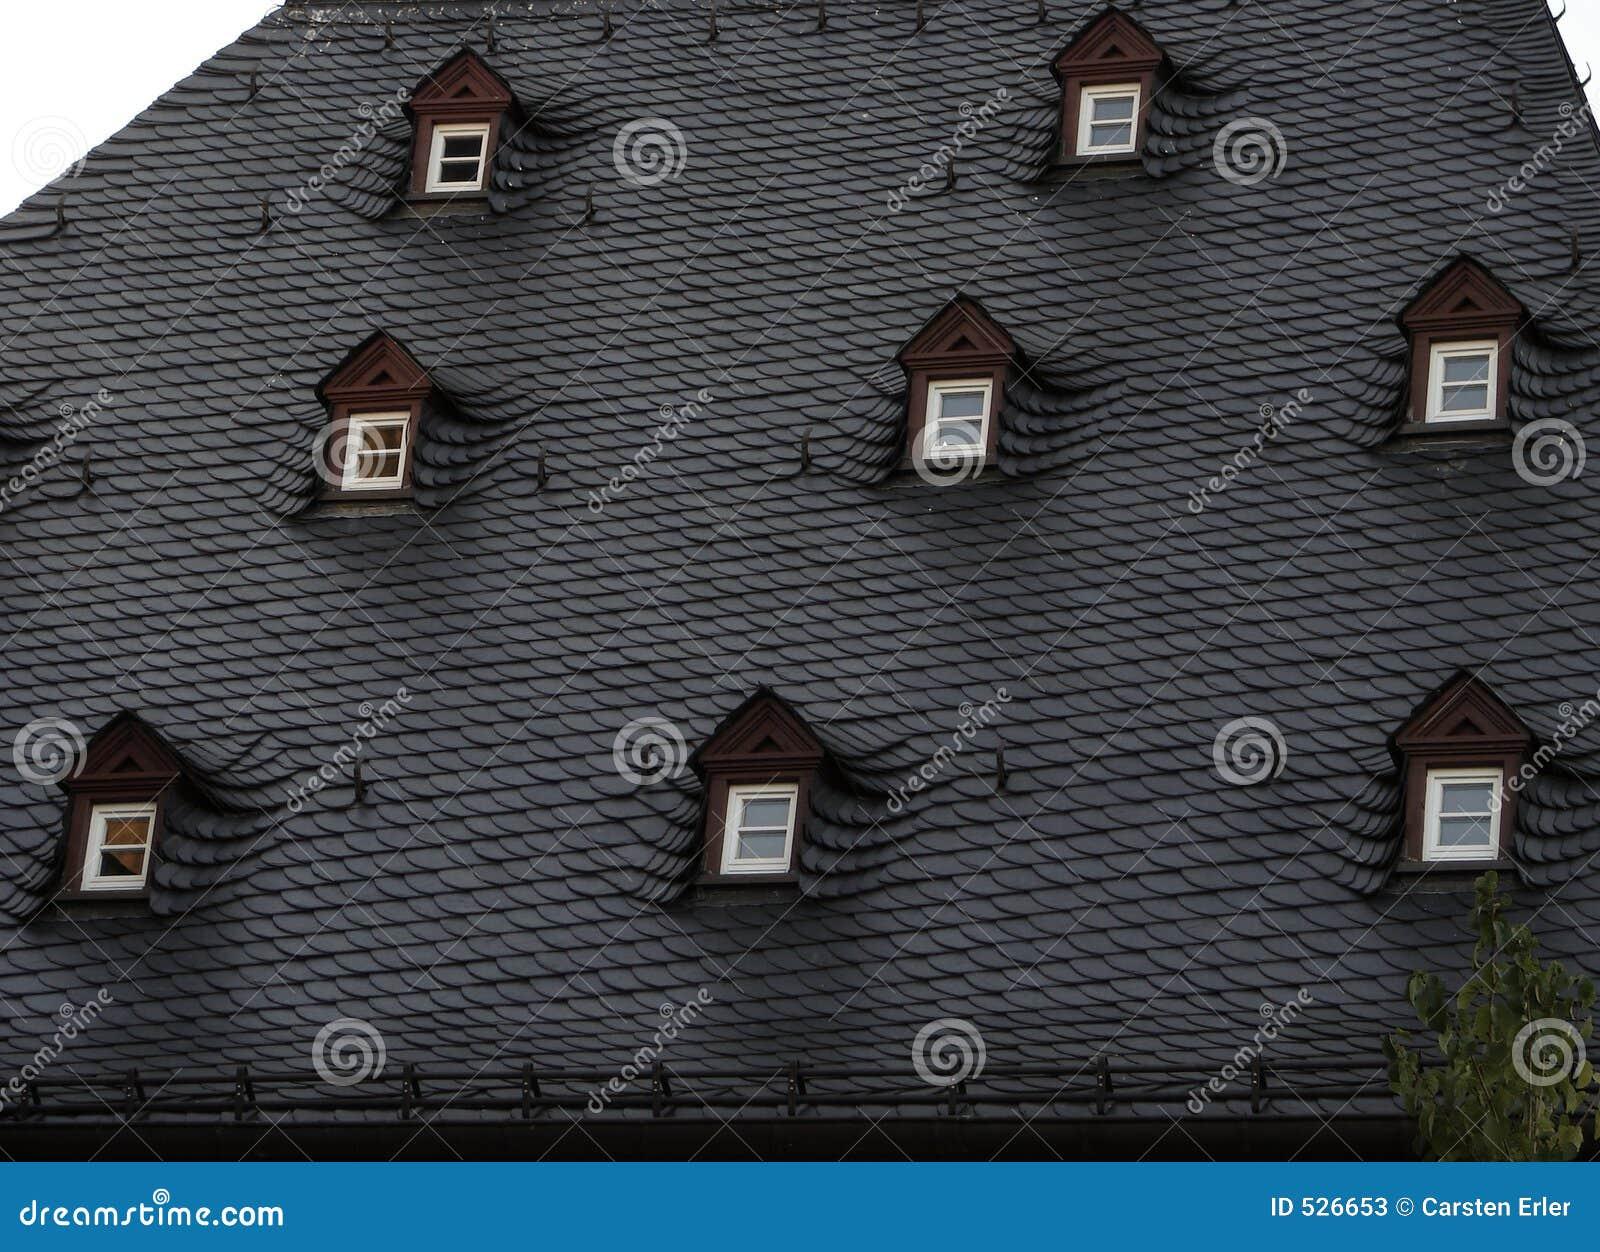 Download 视窗 库存图片. 图片 包括有 布琼布拉, 拱道, 片岩, 屋顶, 板岩, 有历史, 视窗, 结构树, 房子 - 526653